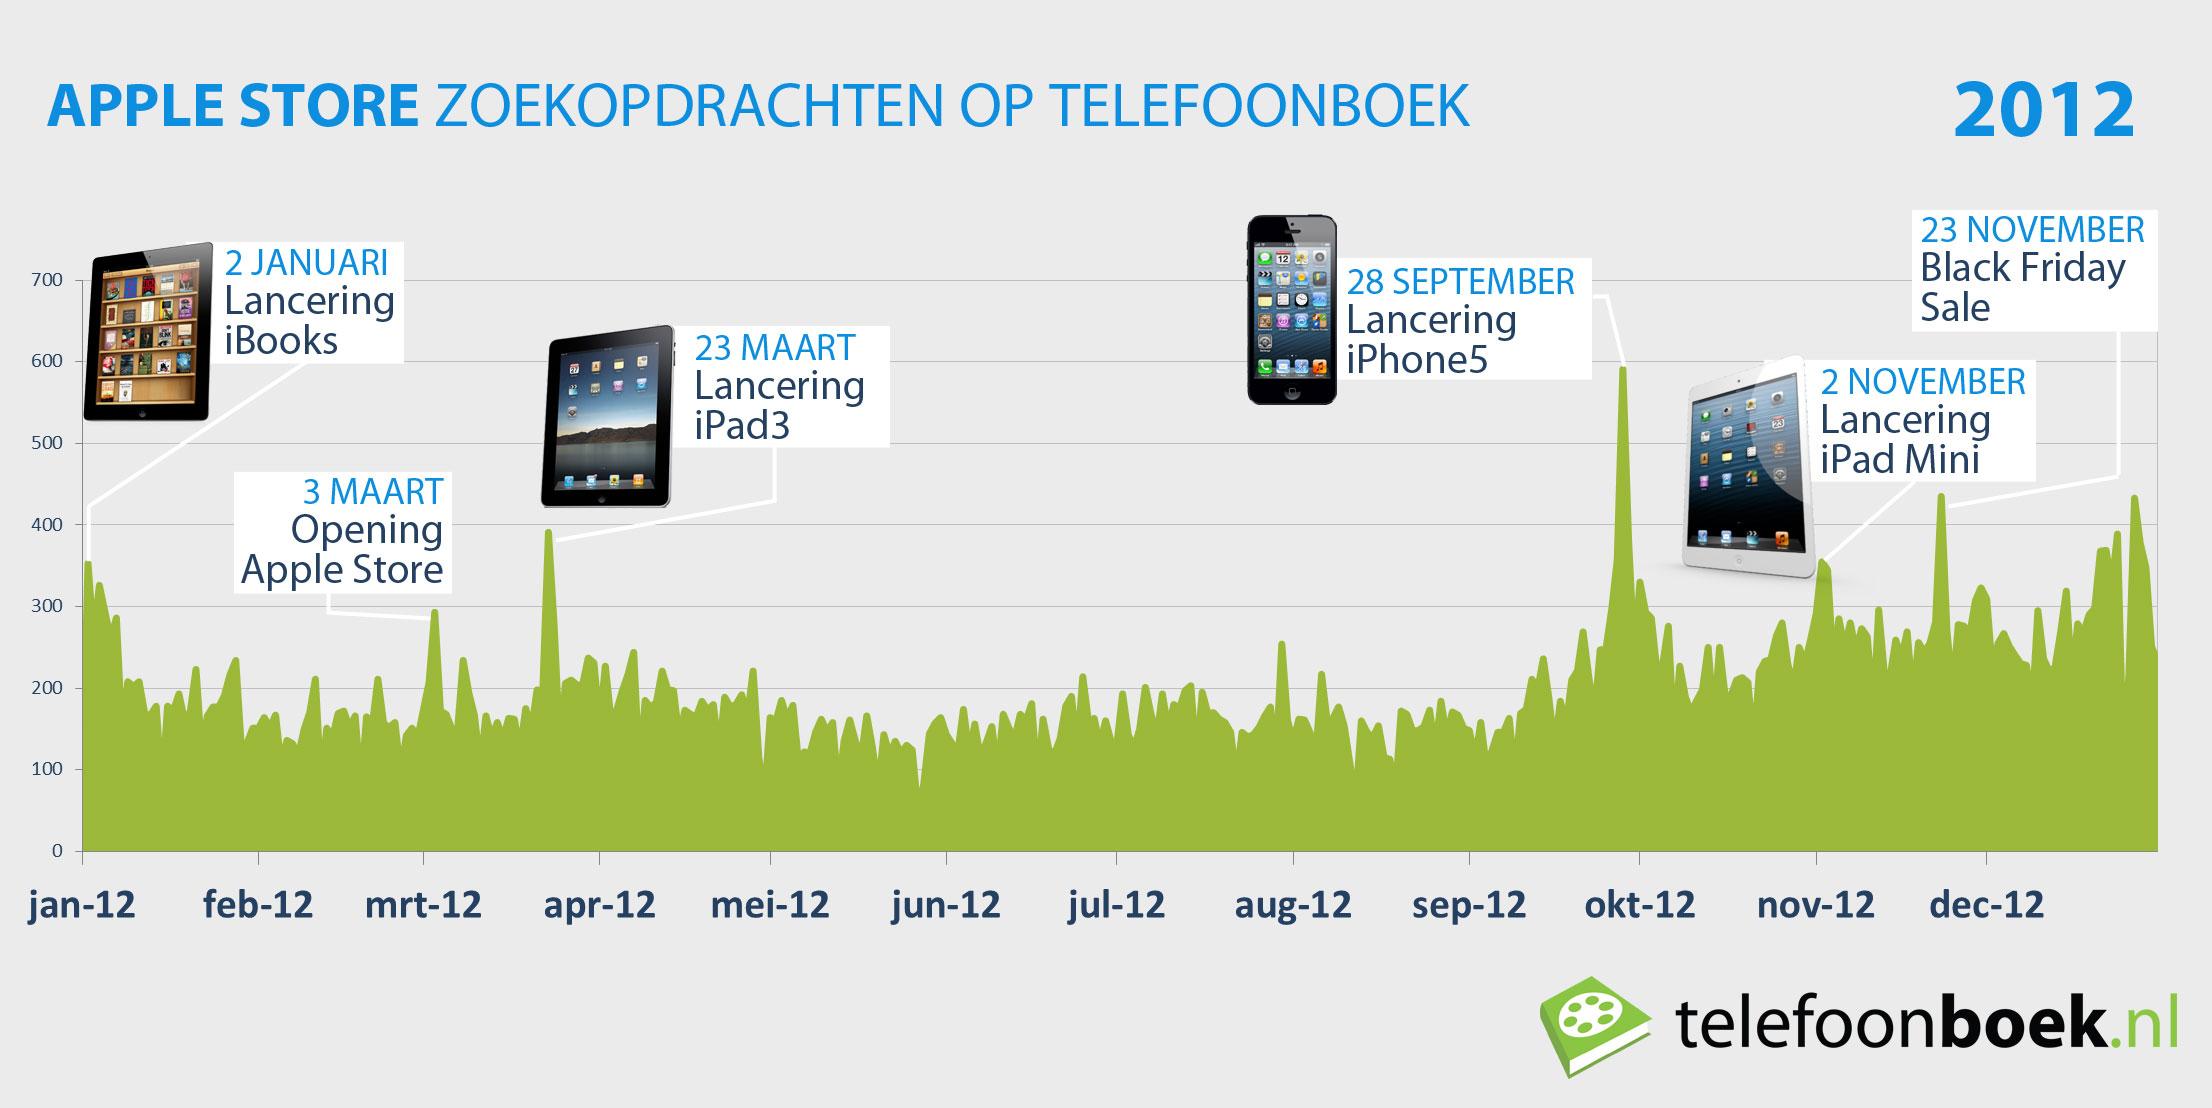 Apple Store zoekopdrachten in 2012 op Telefoonboek